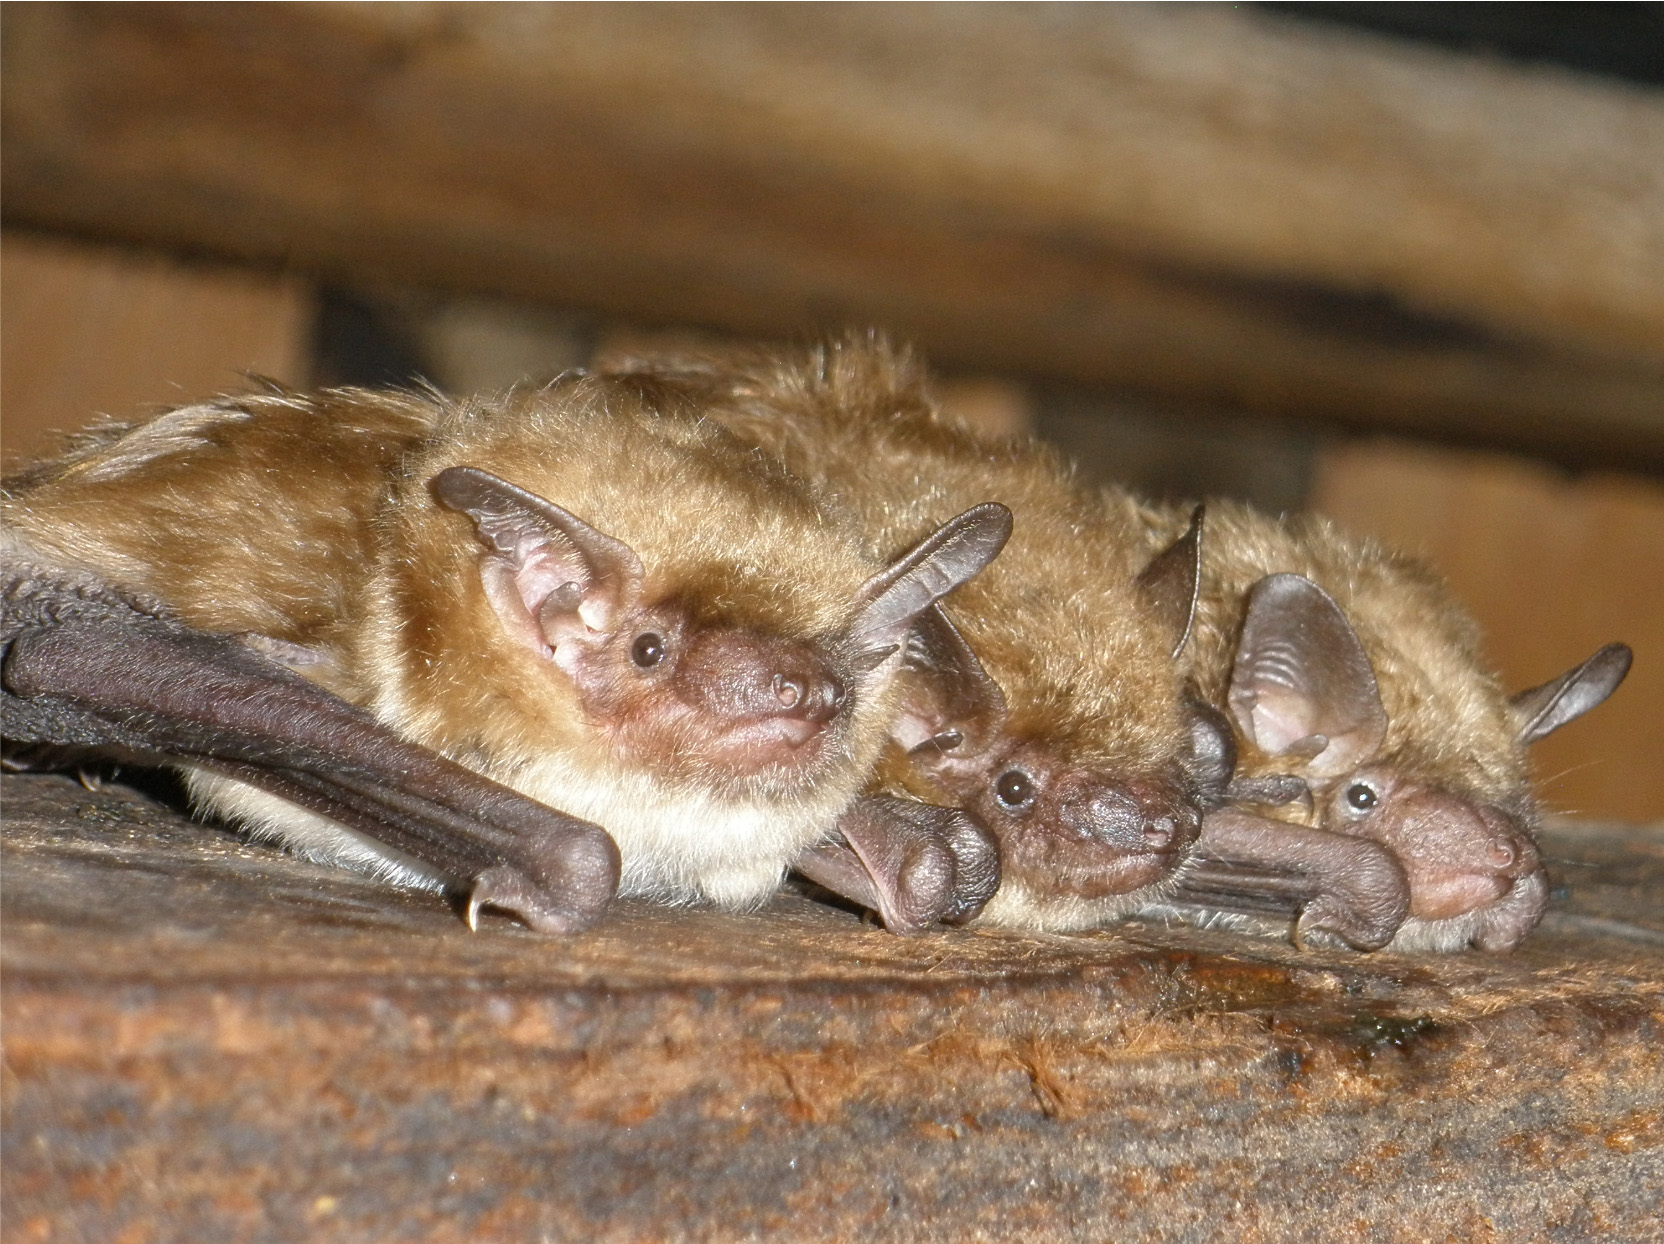 Как избавиться от летучих мышей на даче, чердаке, дома, под крышей